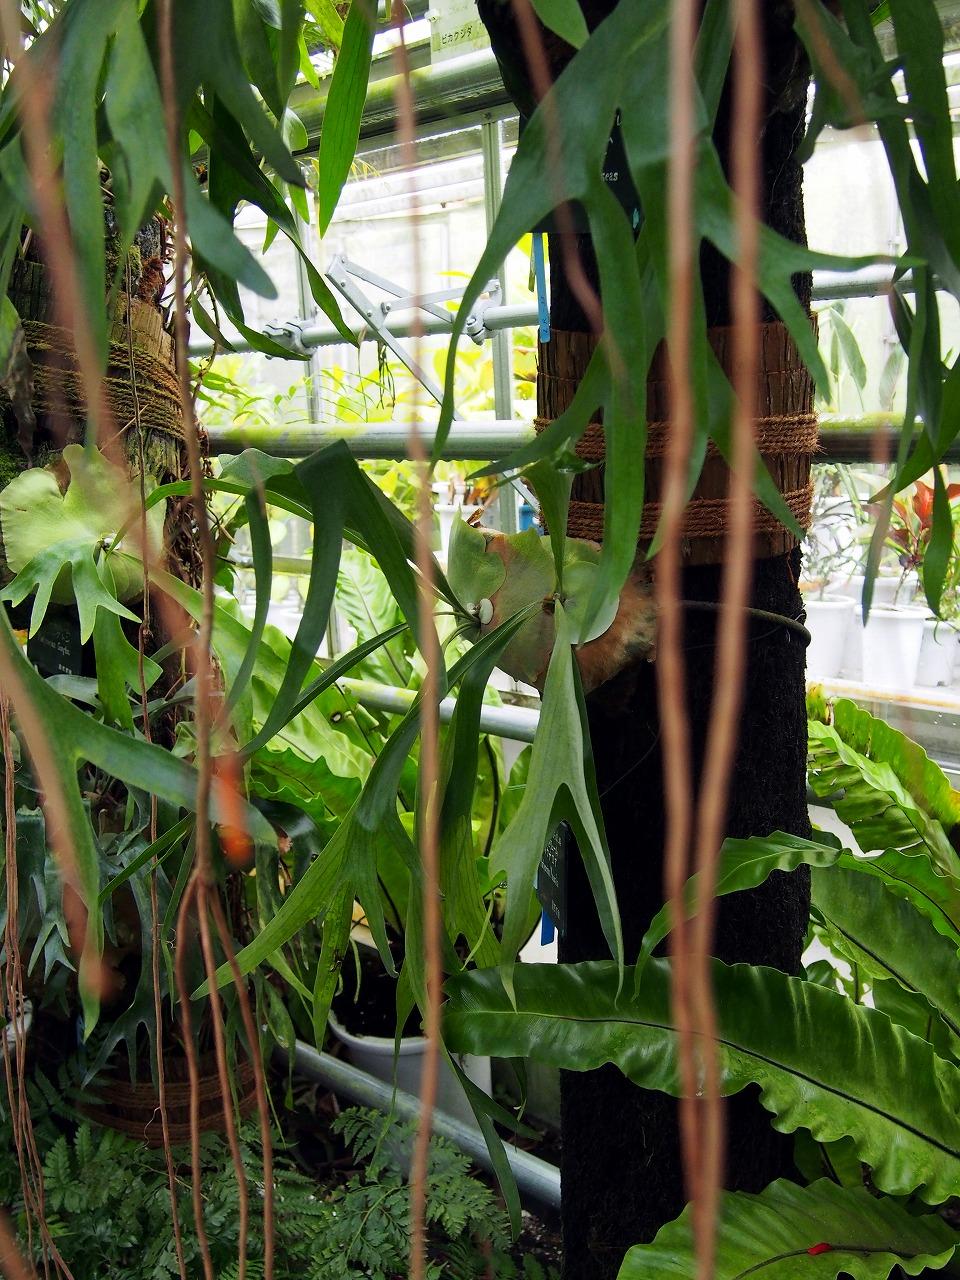 BotanicalGarden111_20141115.jpg